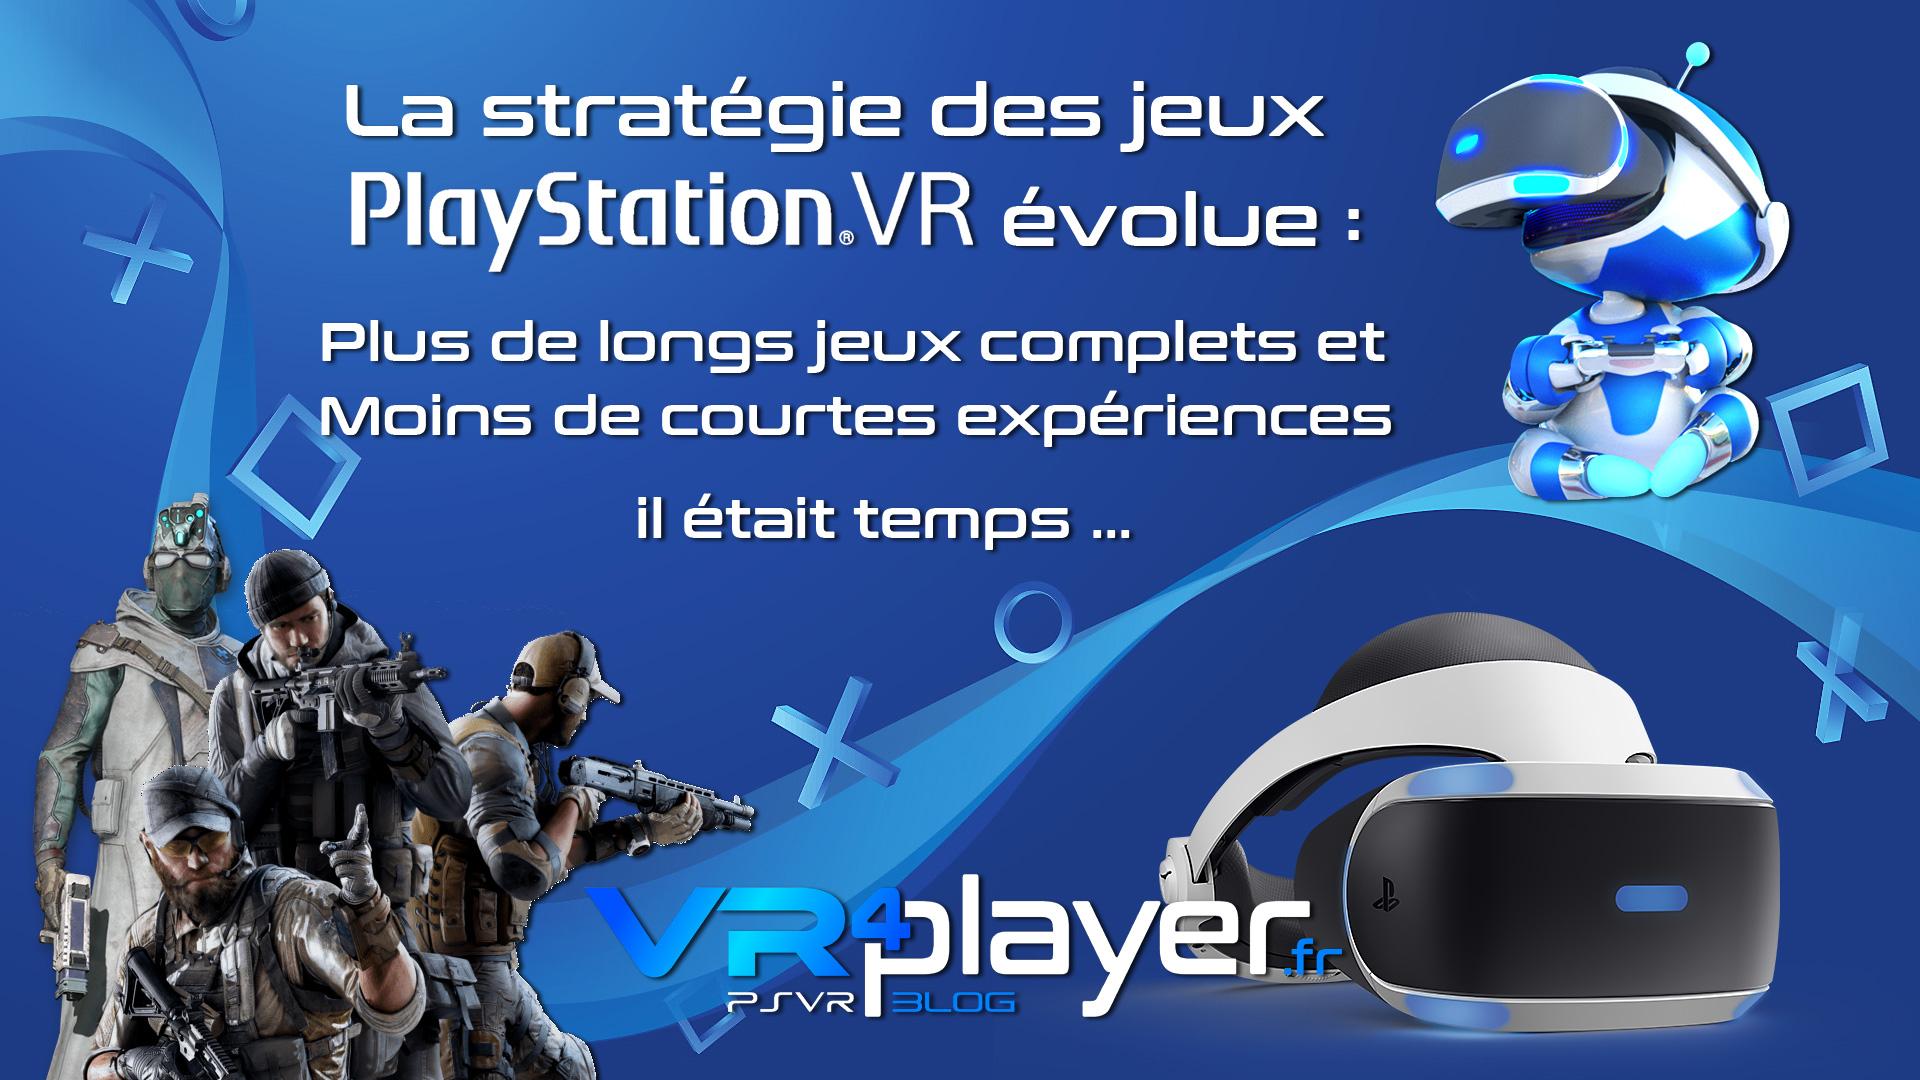 La stratégie de SOny pour les jeux PSVR évolue enfin ! vr4player.fr